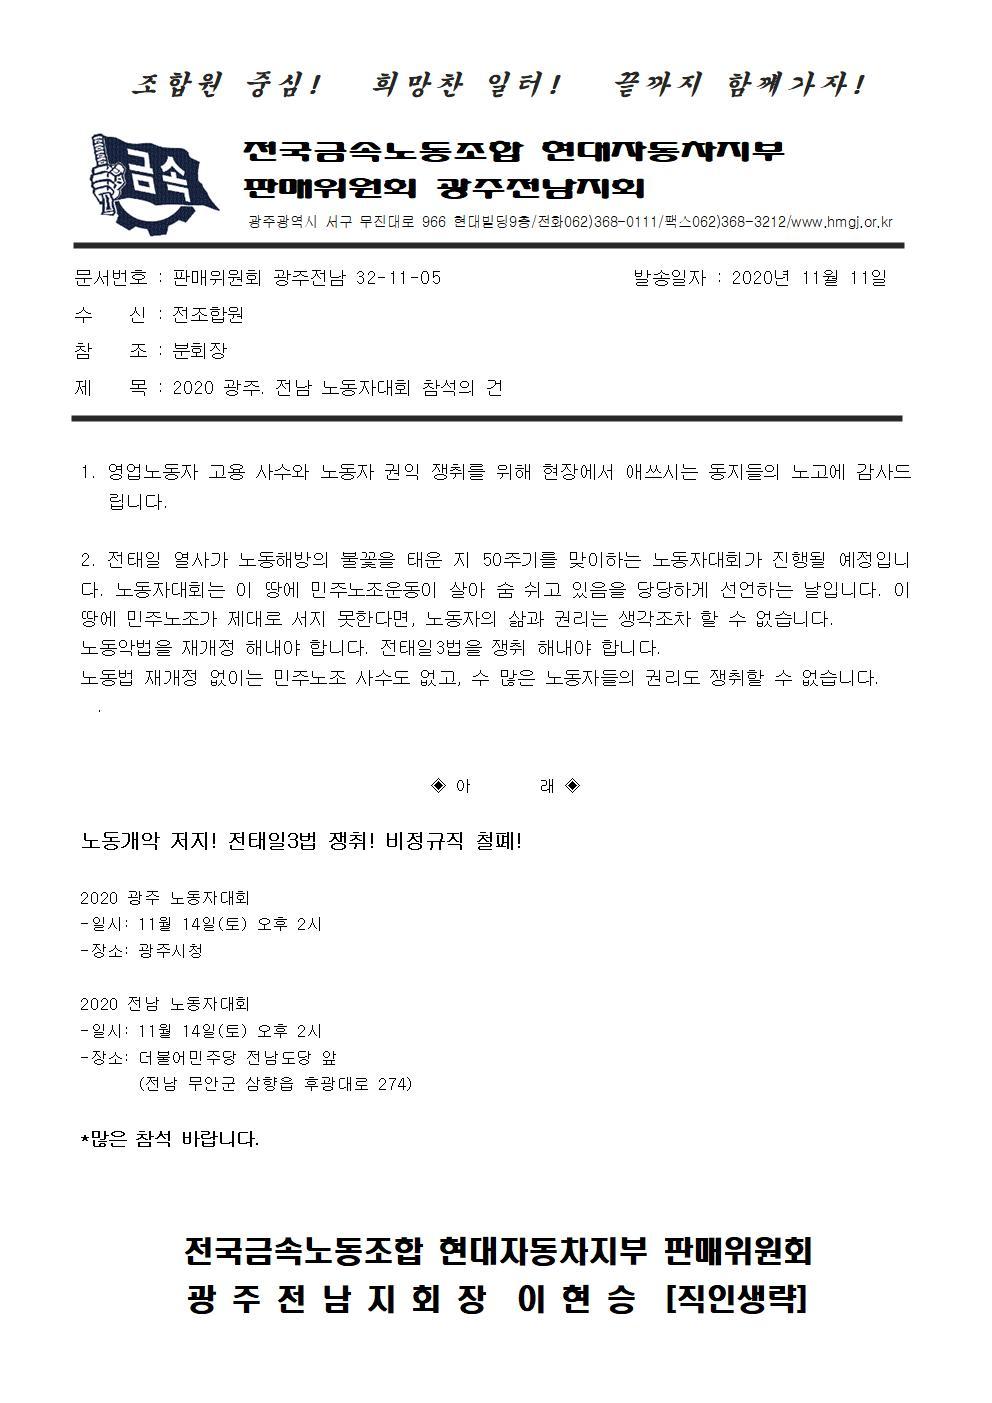 (32-11-05) 2020 광주 전남 노동자대회의 건001.jpg